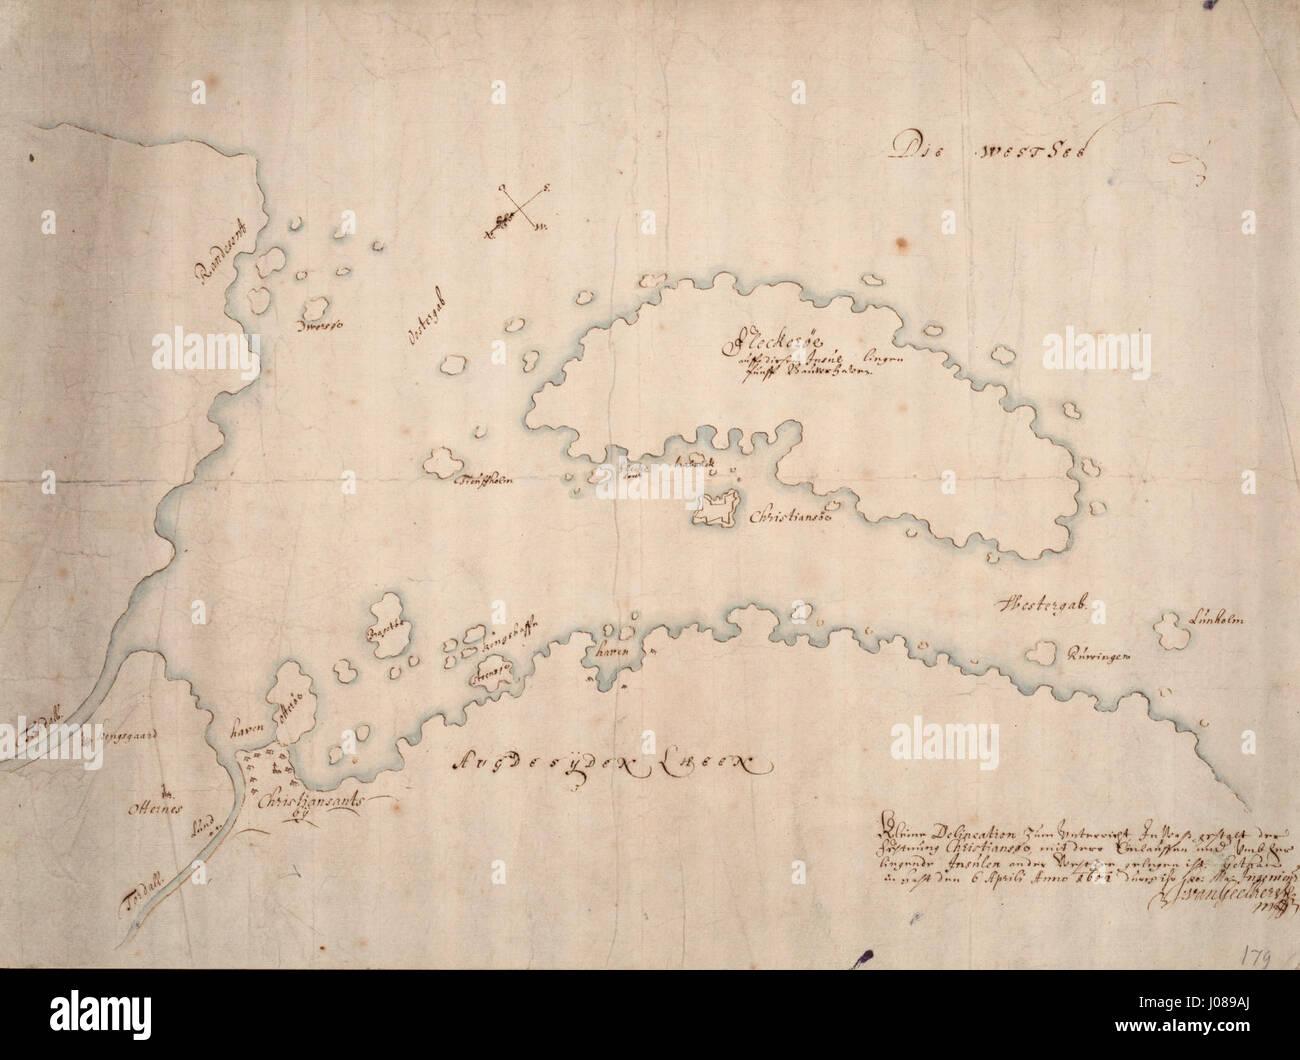 Kleine delineazione zum Unterricht in era gestalt der Festung Christiansøe - no-nb krt 00892 Immagini Stock